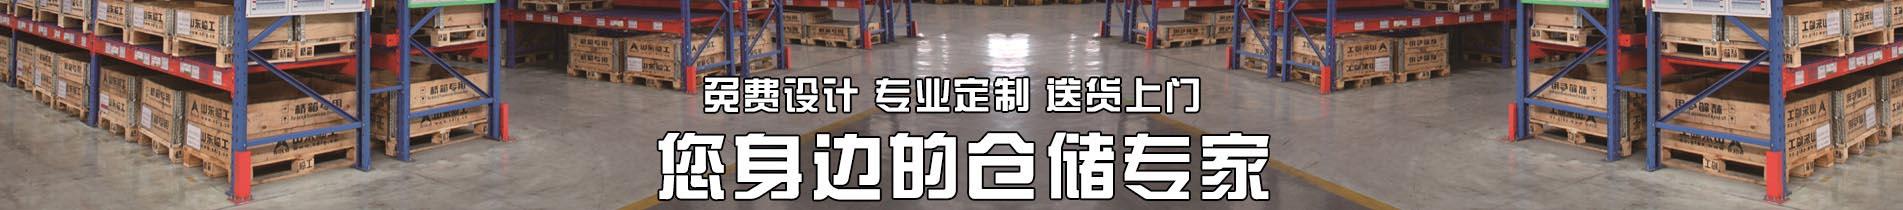 插入式管材货架